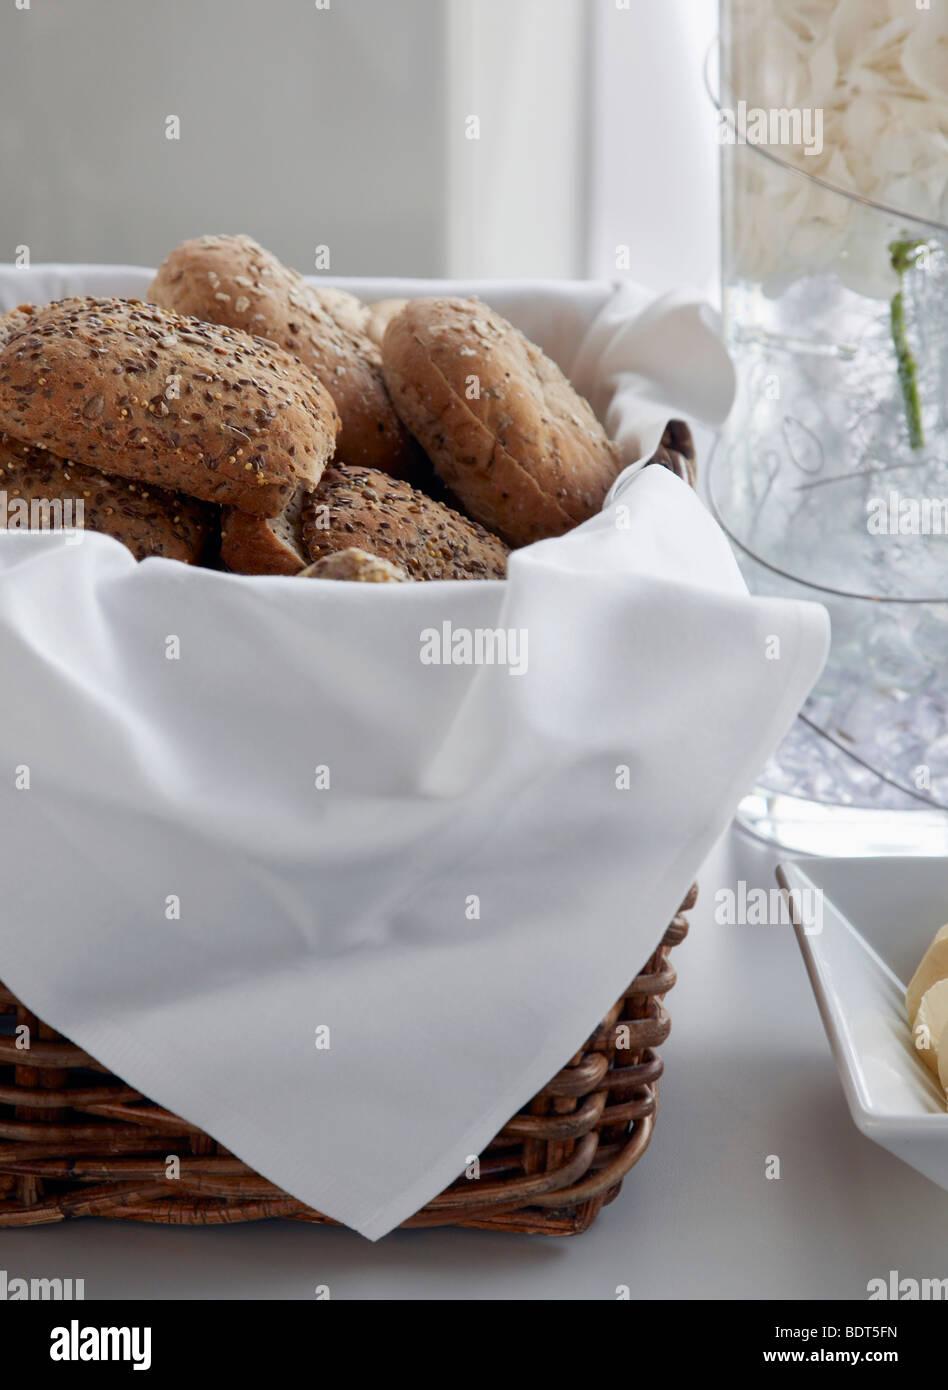 bread rolls in basket - Stock Image